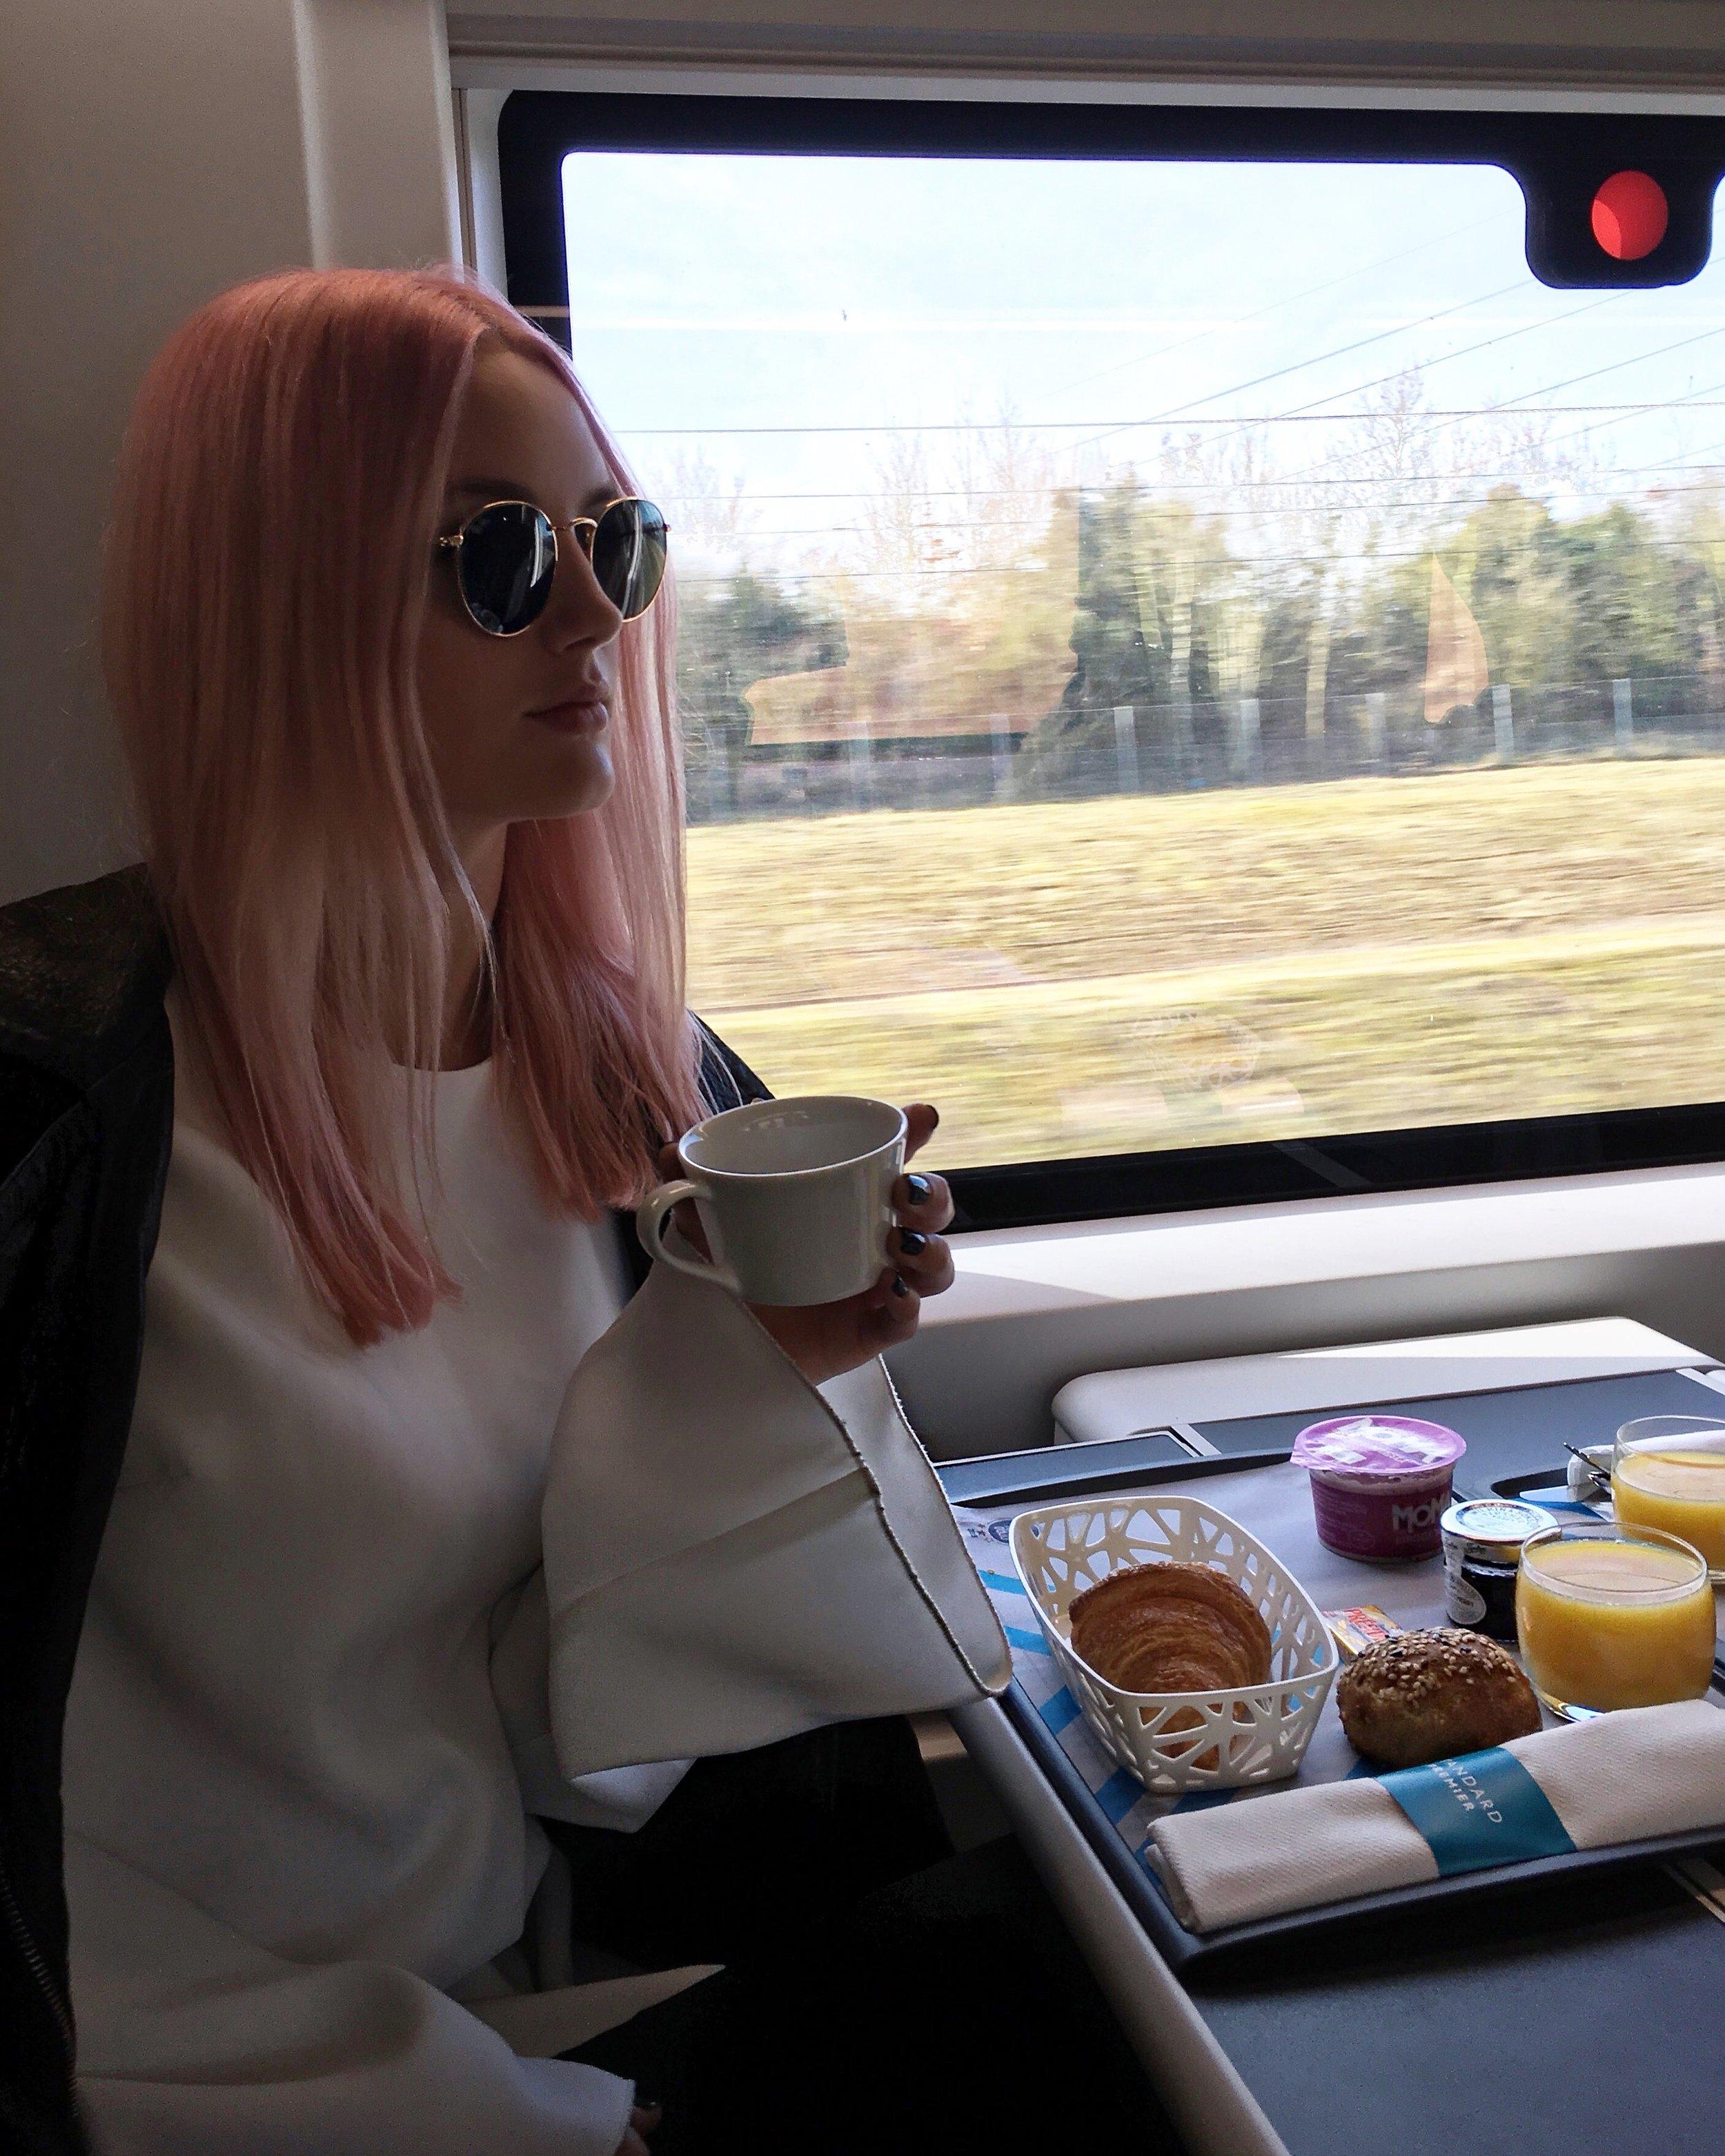 TRAIN TRIP FROM LONDON > PARIS